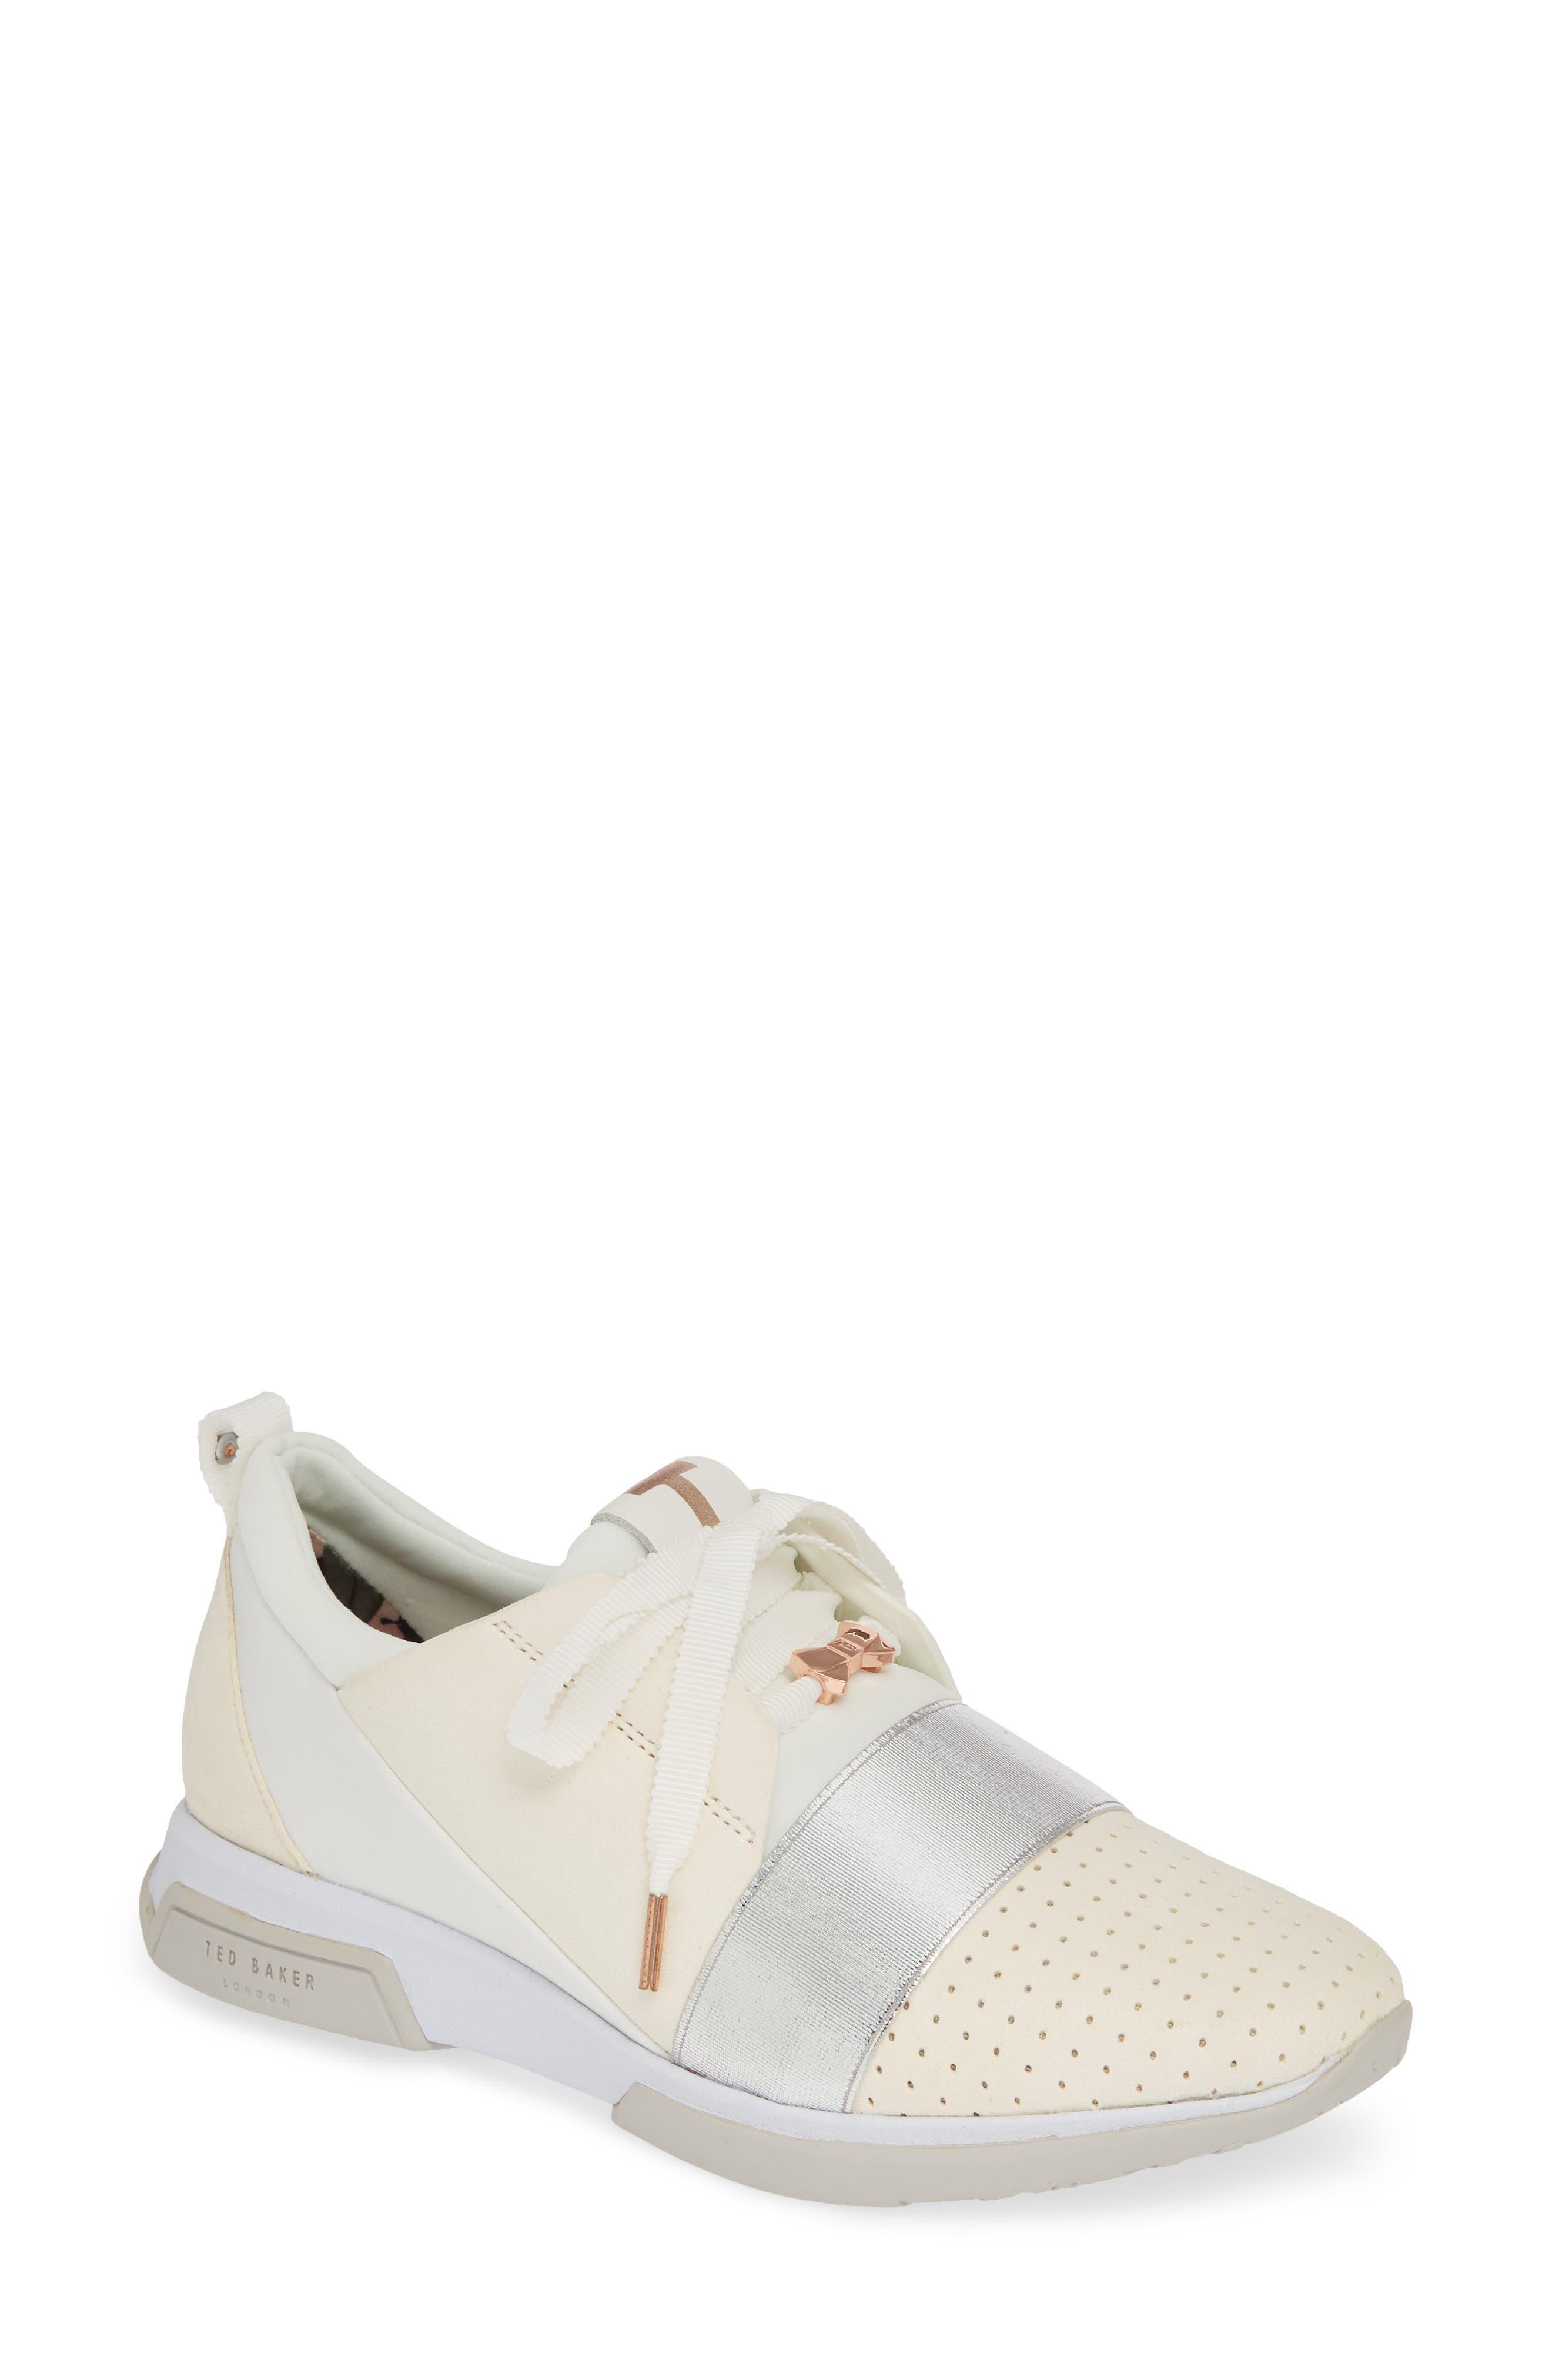 Ted Baker London Cepap Sneaker, White